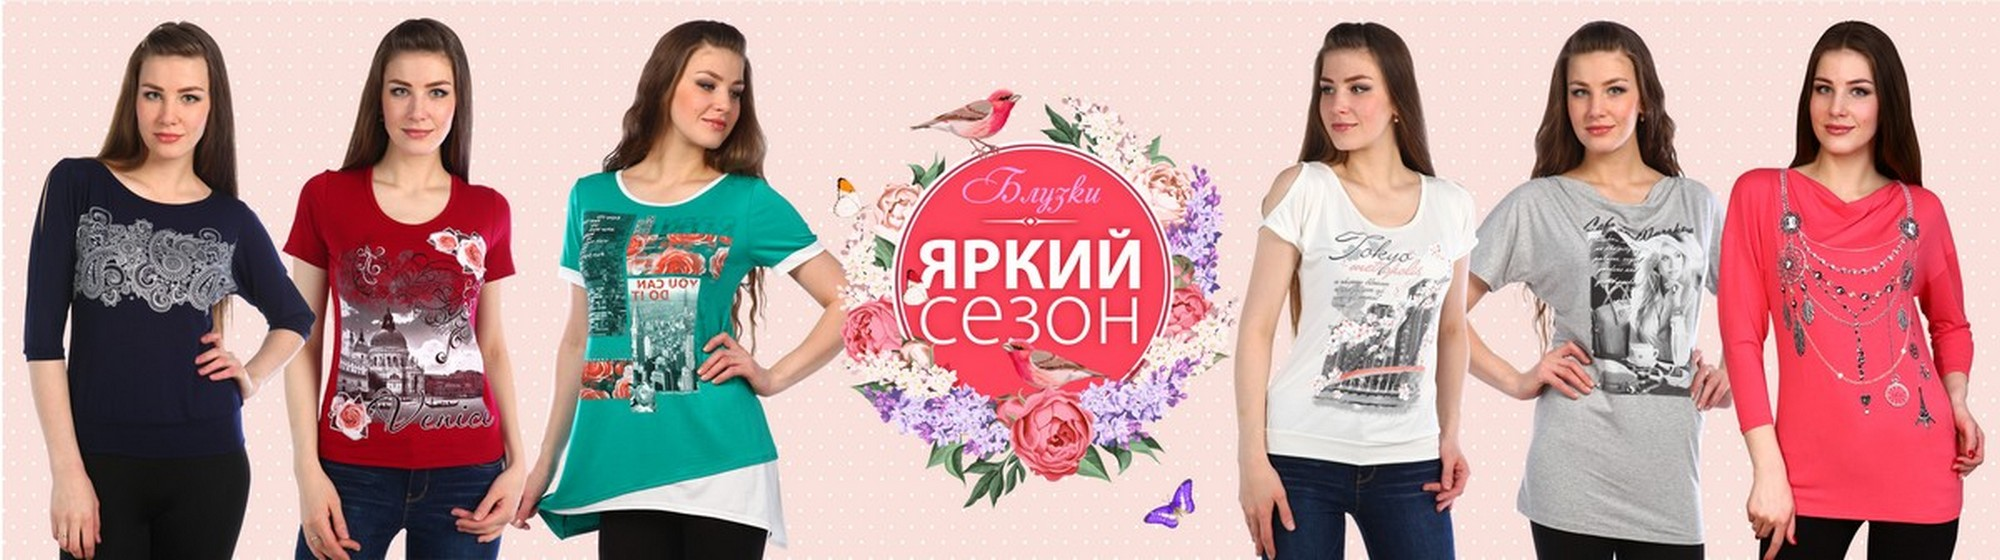 Женская одежда — купить в интернет-магазине LIME